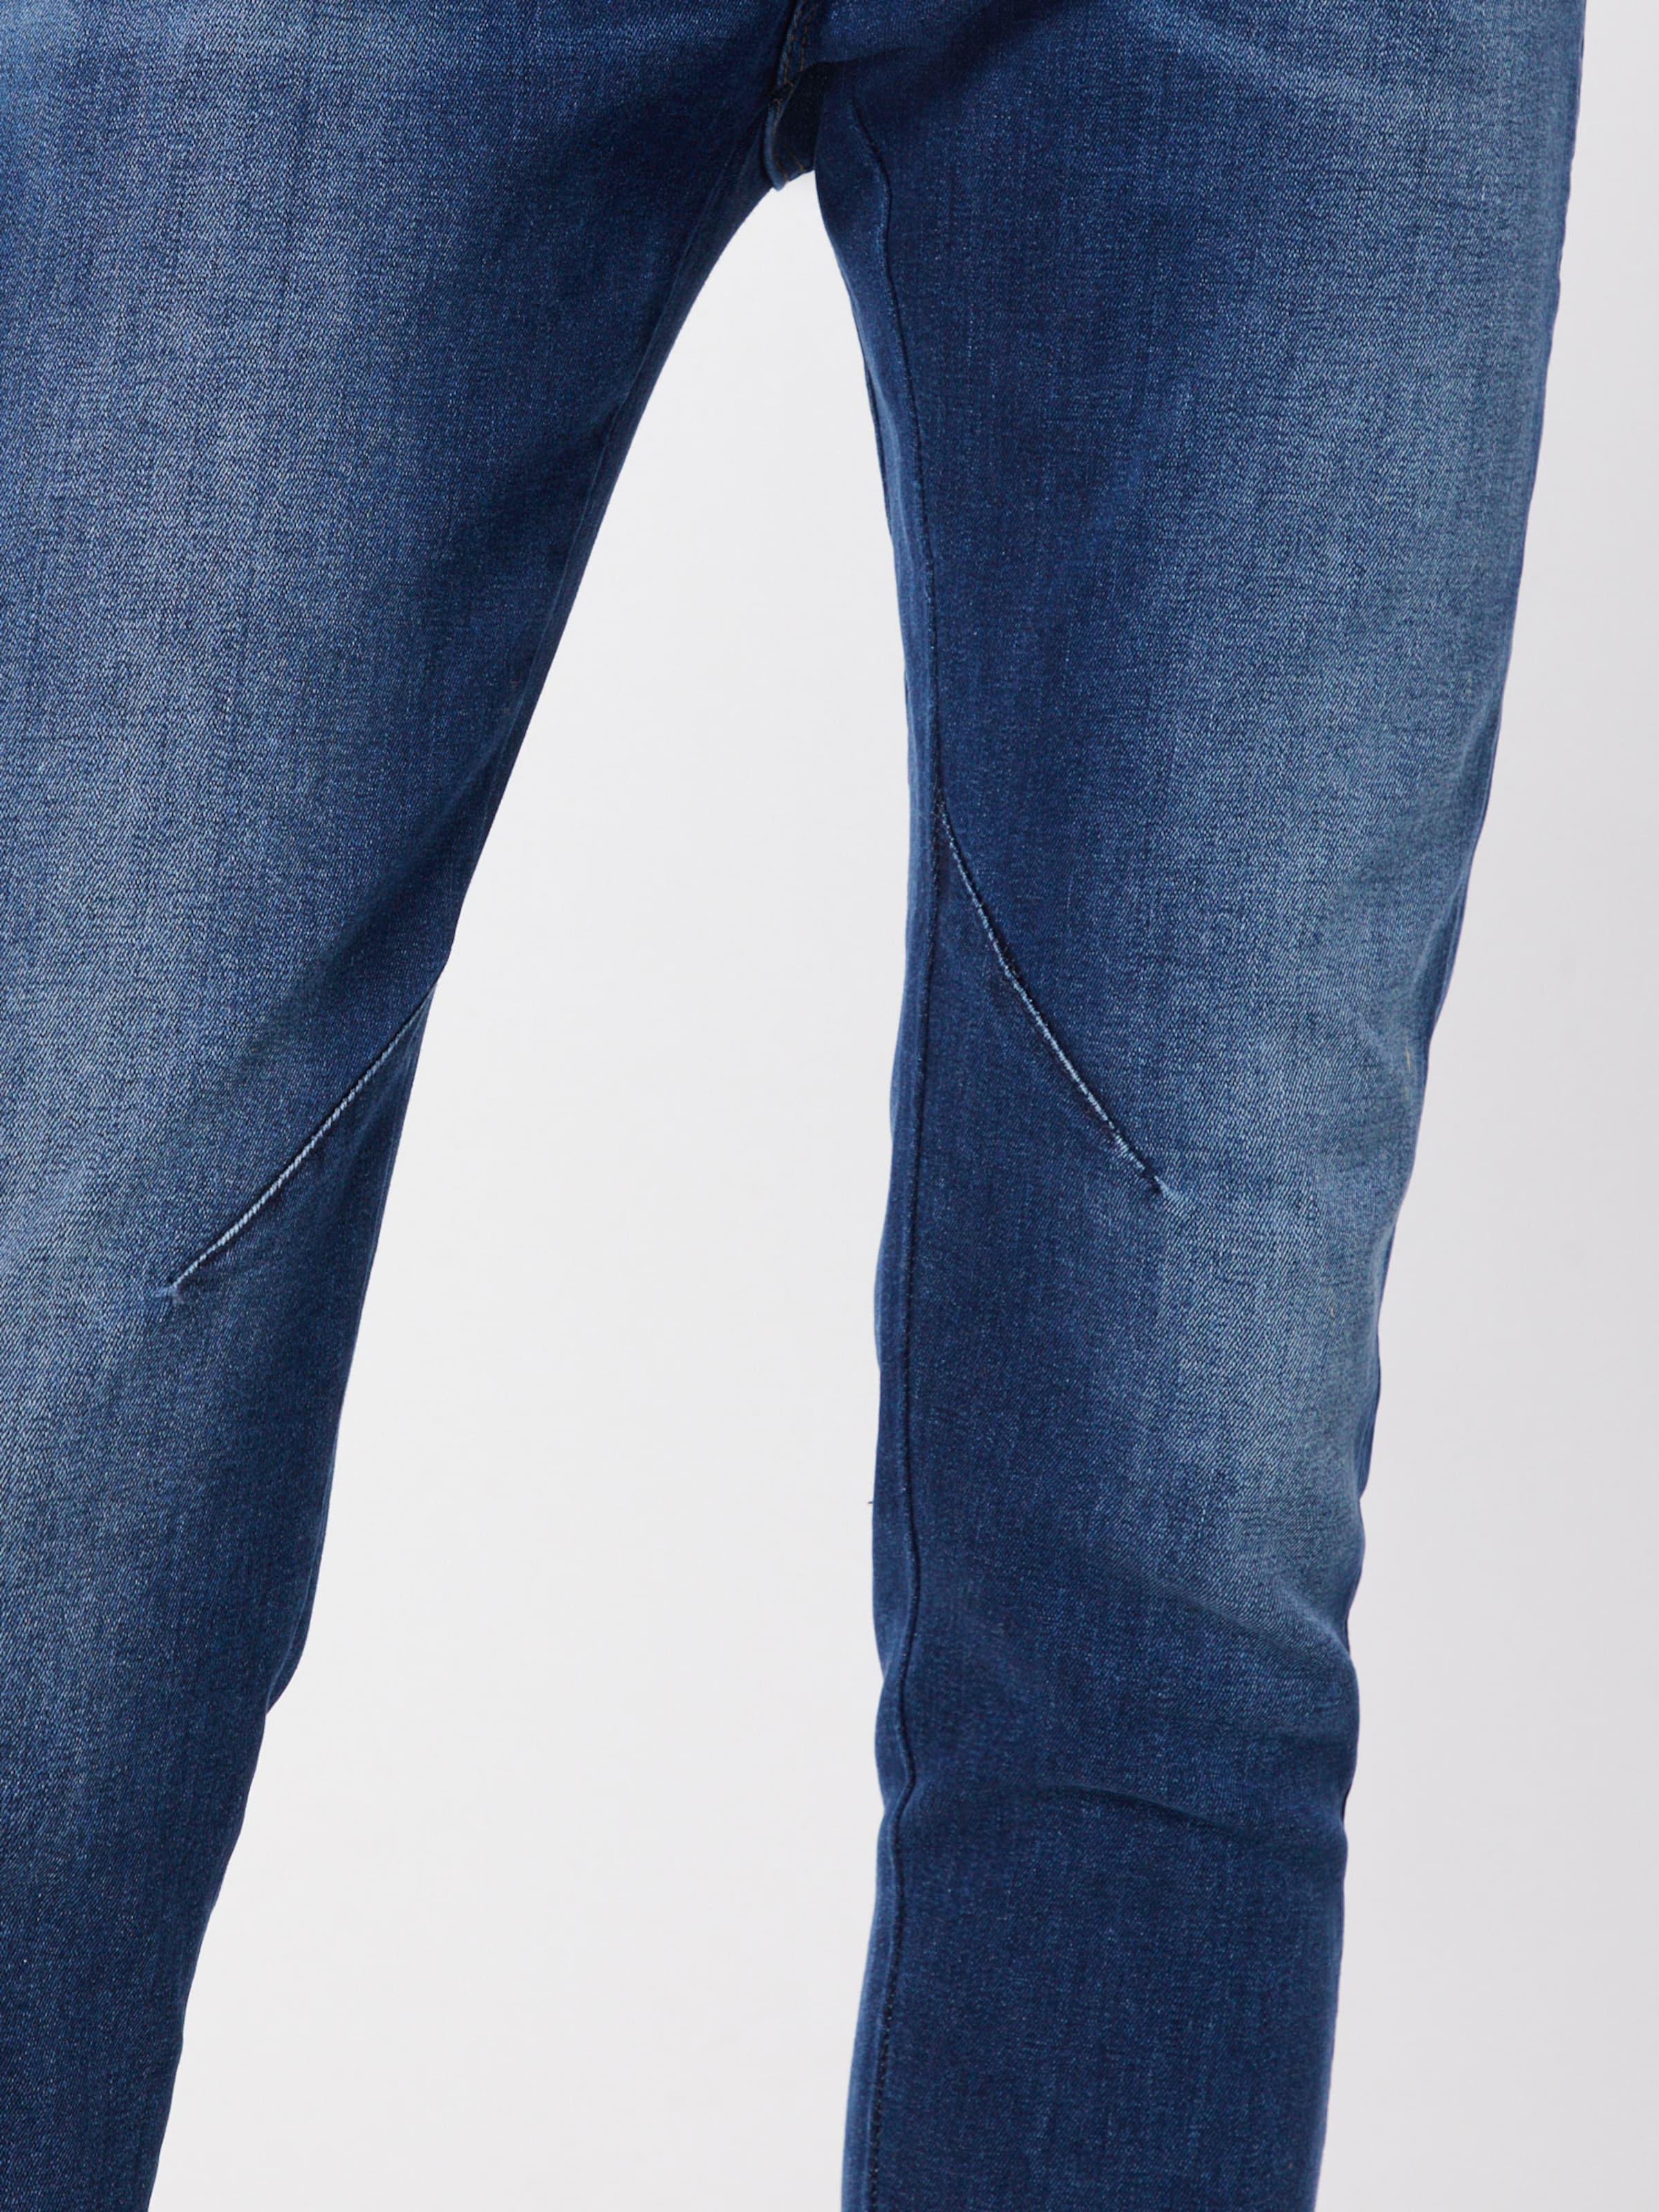 Mid Slim Denim 'd Jeans In G star Boy staq Wmn' Raw Blue H9DIW2YE